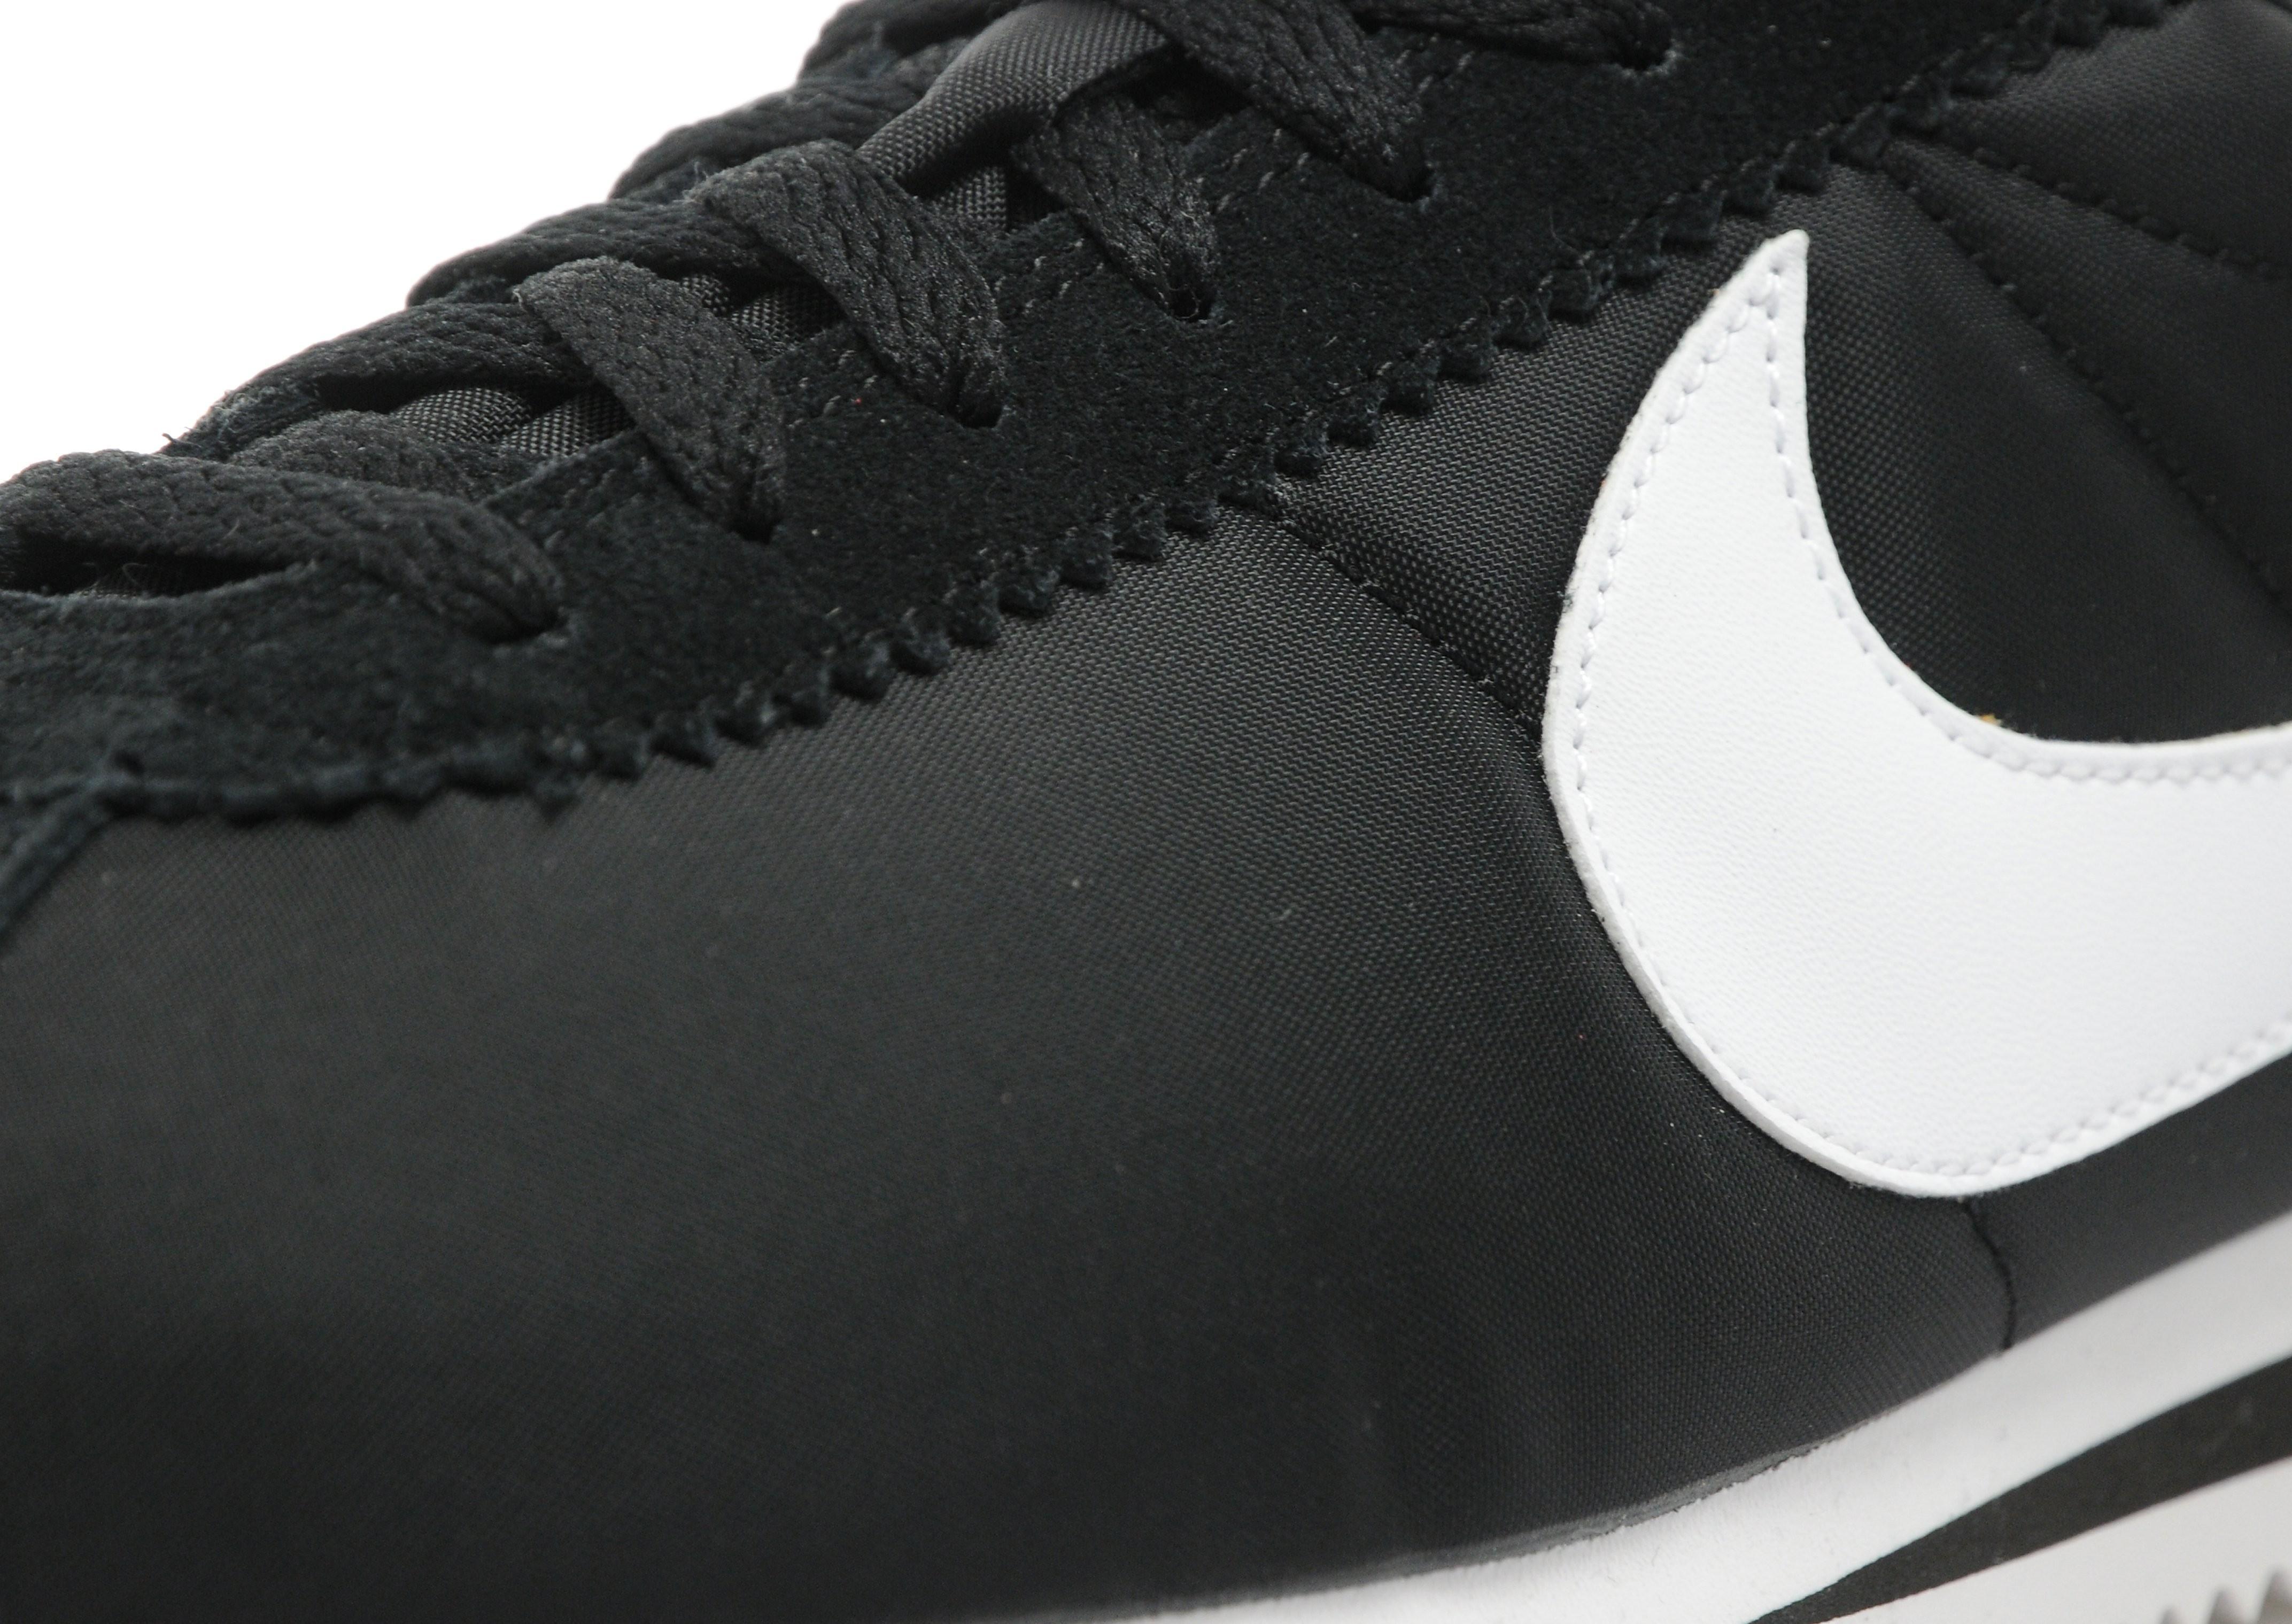 Cortez Nylon Nike de Tejido sintético de color Negro para hombre